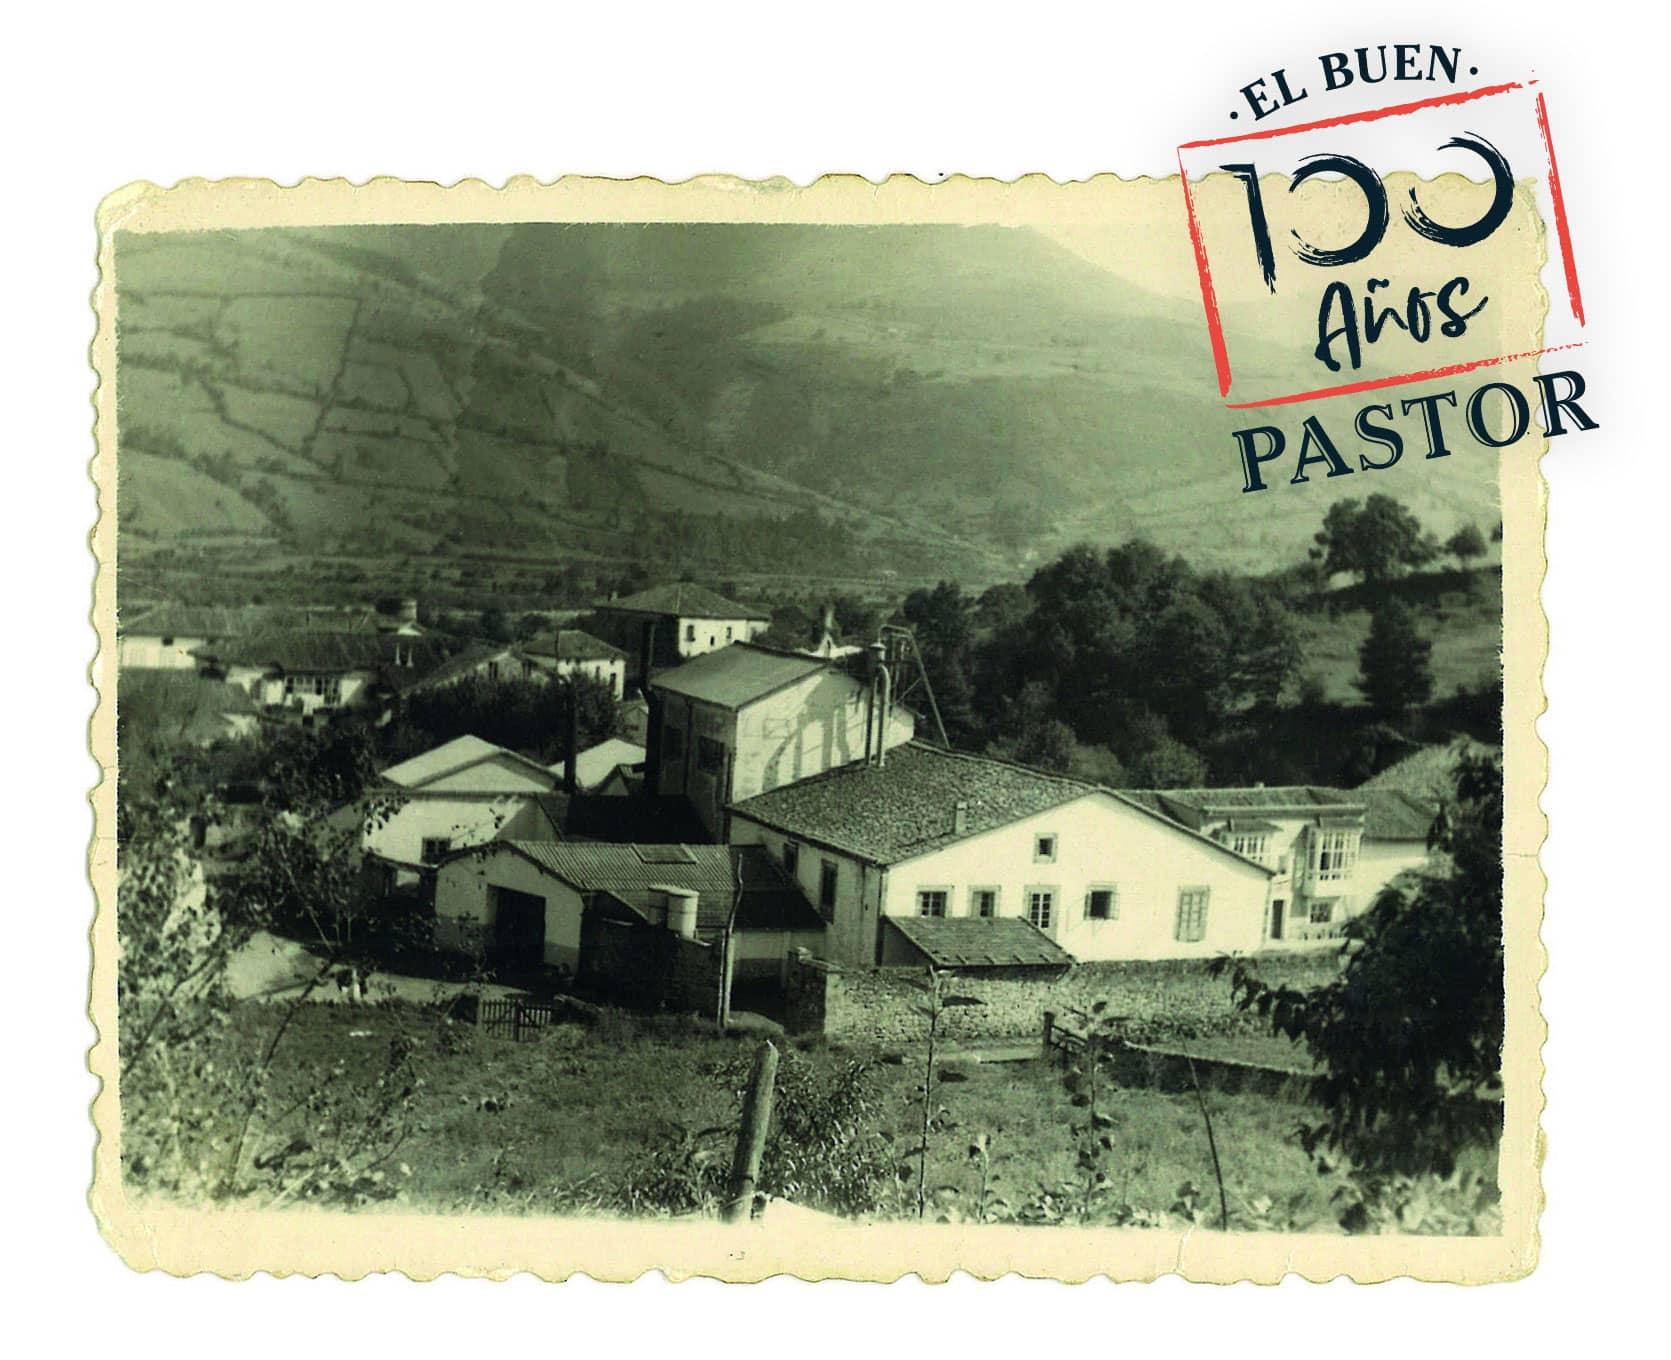 Fábrica de El Buen Pastor